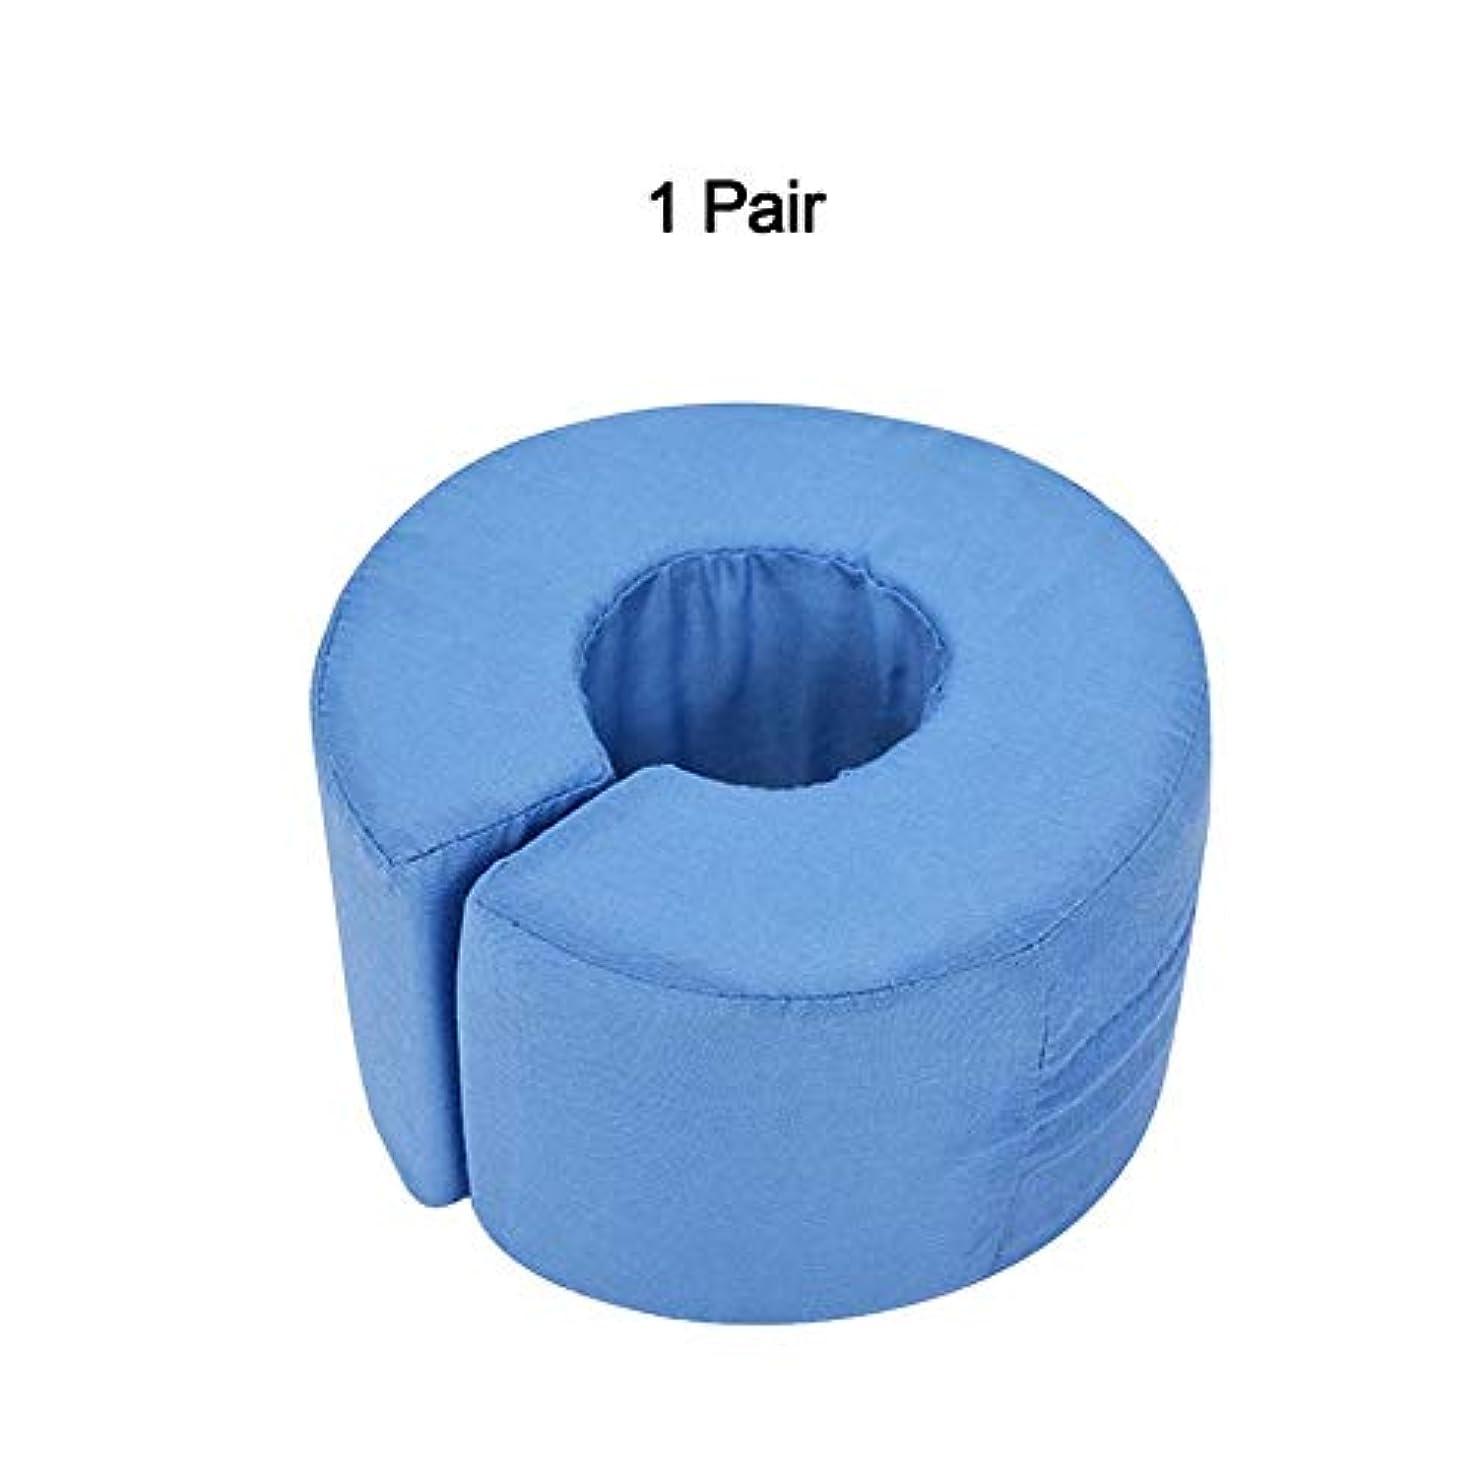 審判投げ捨てるバタフライ軽量フットハンドフォームエレベータークッション、足首関節休息サポート枕、足の圧力を和らげる、1ペア,Blue